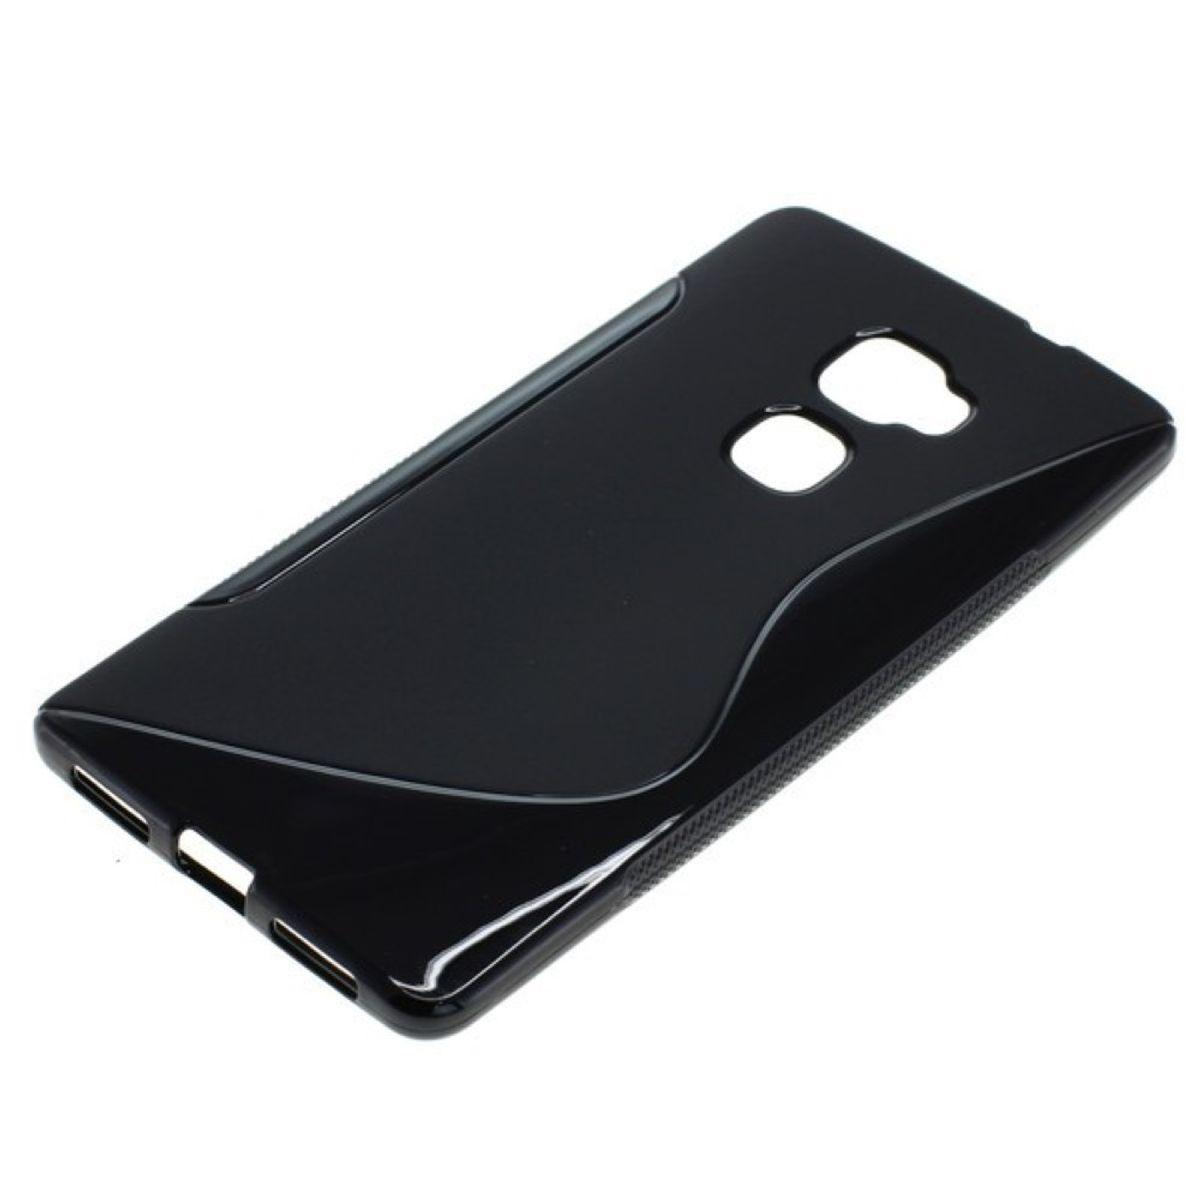 OTB TPU Case kompatibel zu Huawei Mate S S-Curve schwarz